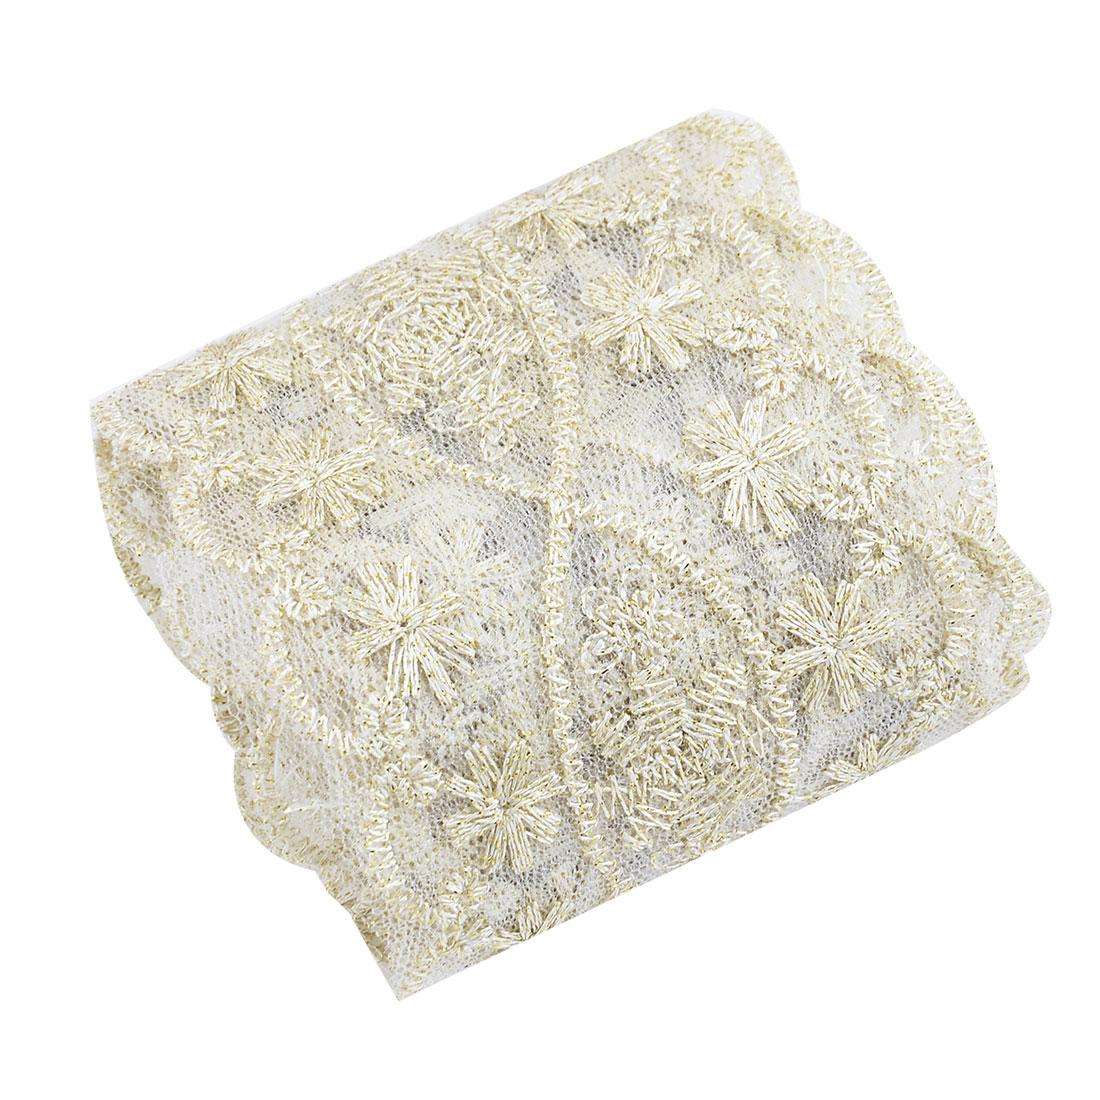 Polyester Floral Design DIY Clothes Patch Lace Trim Applique Gold Tone 2.2 Yards